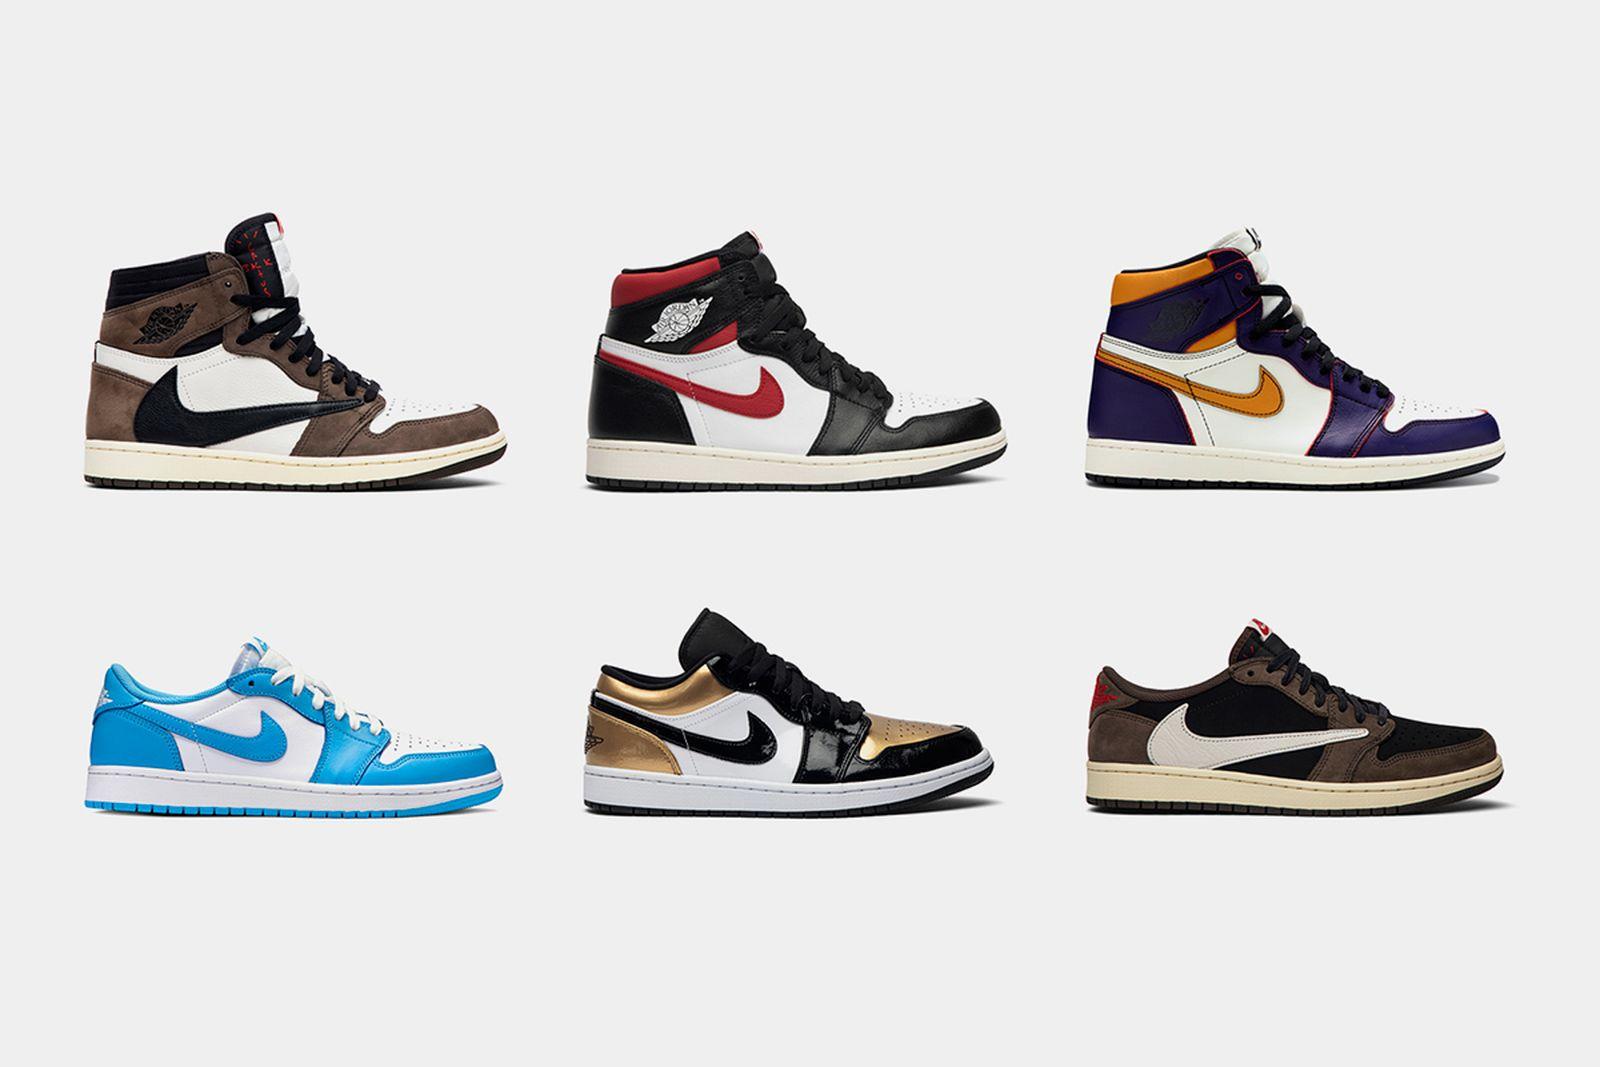 GOAT Jordan 1 main Nike SB air jordan 1